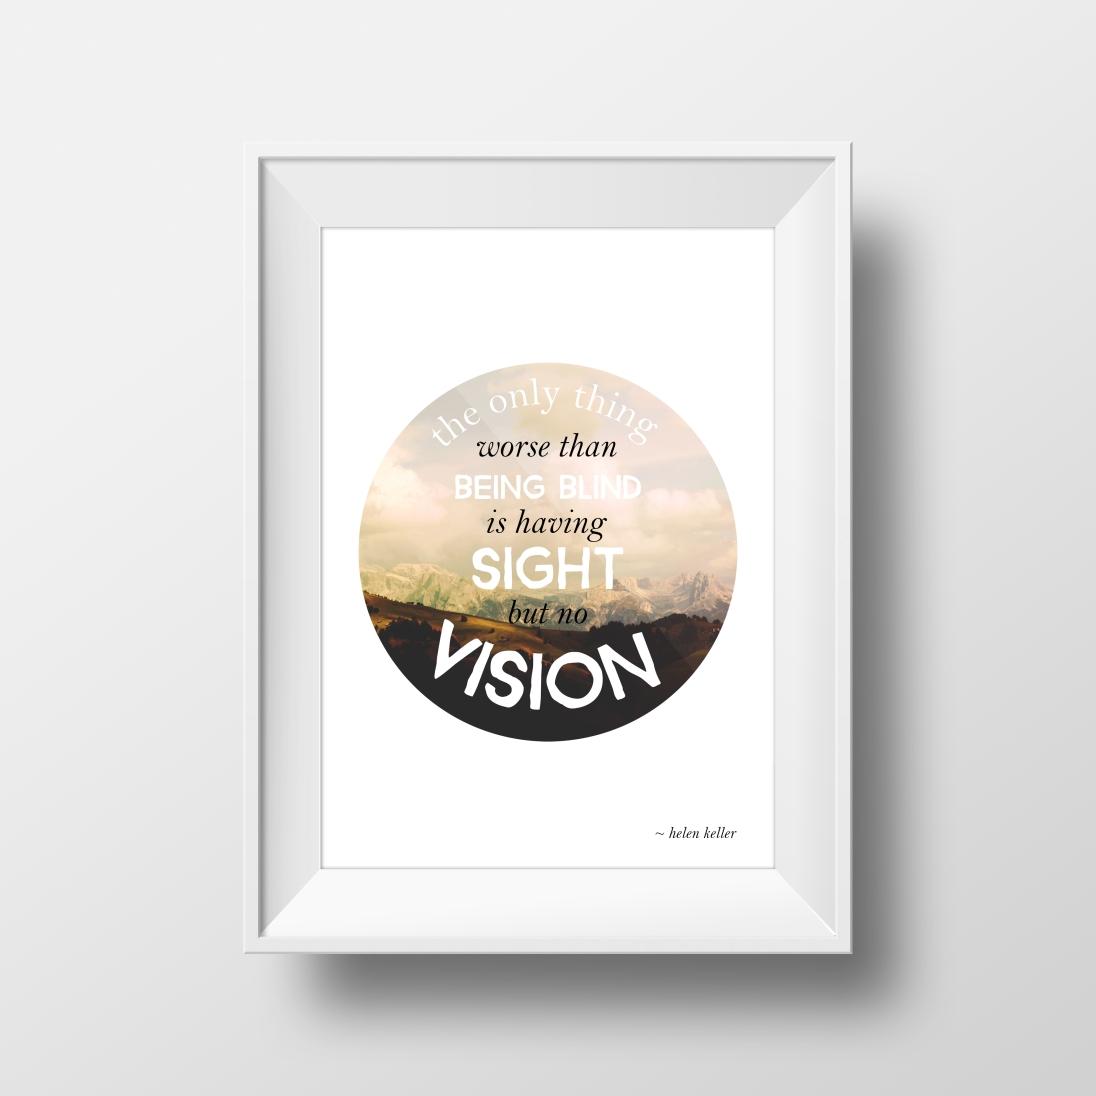 Sight but no Vision_Mockup